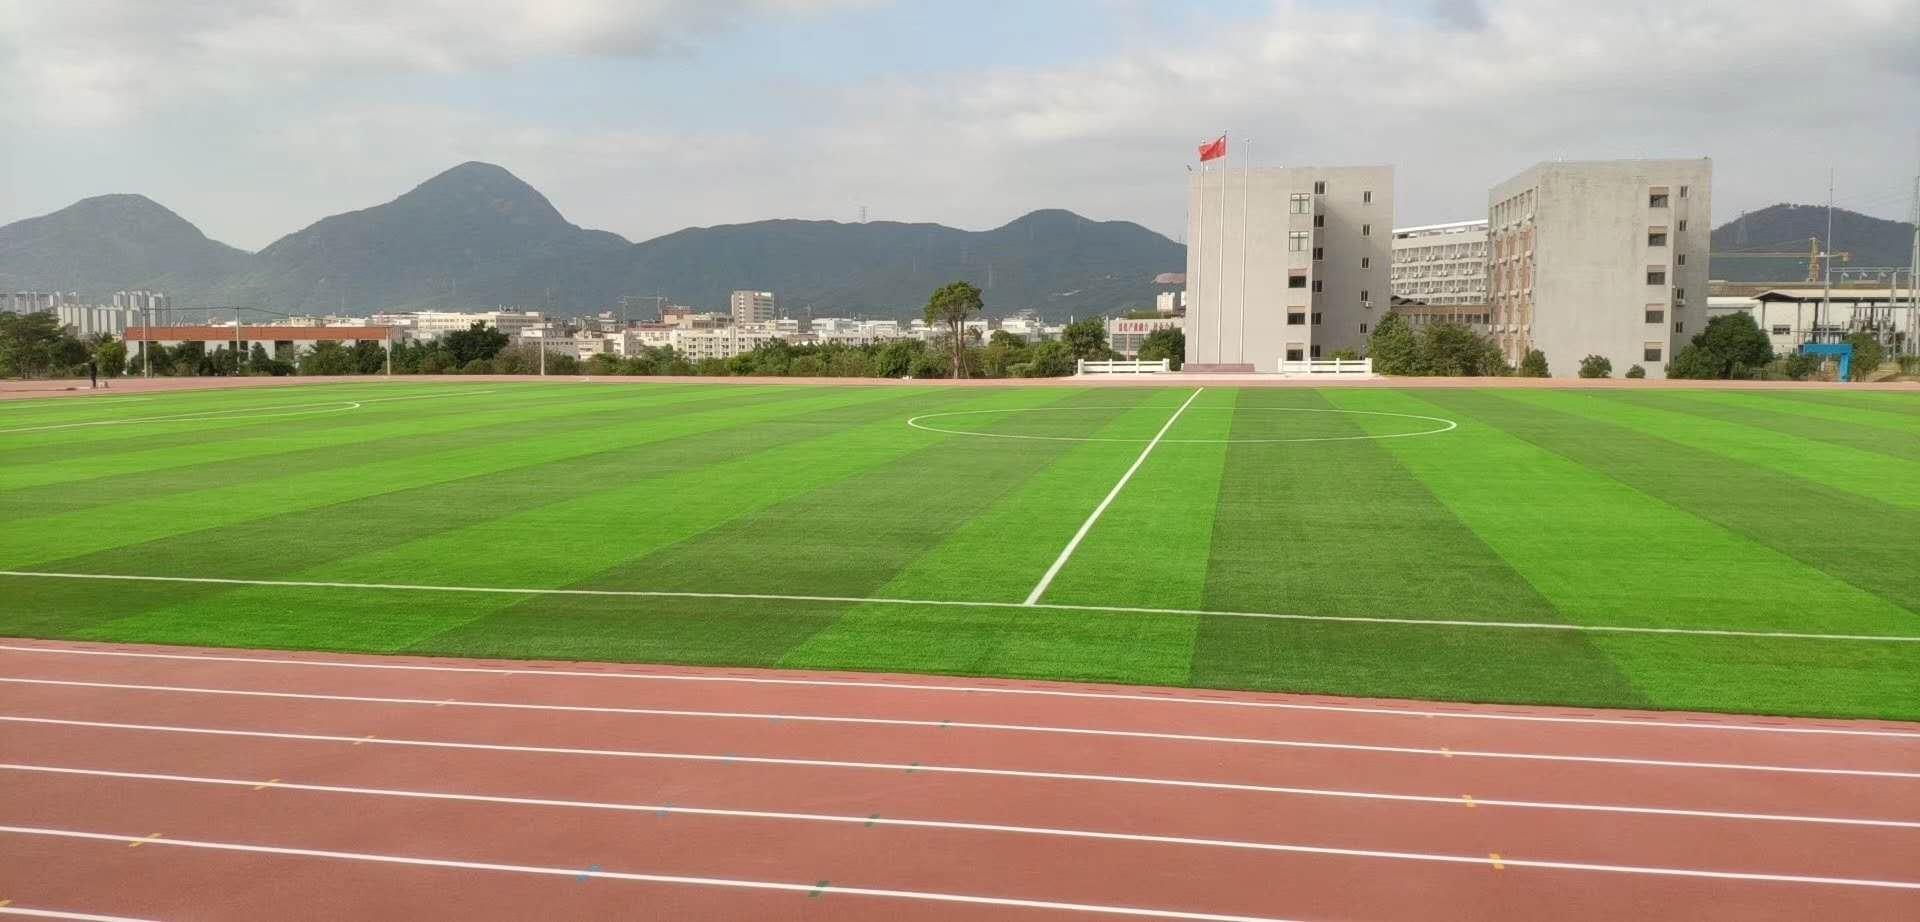 国网技培集训中心一期400m标场跑道足球场提前5天顺利通过验收,二期塑胶场地继续进行中;